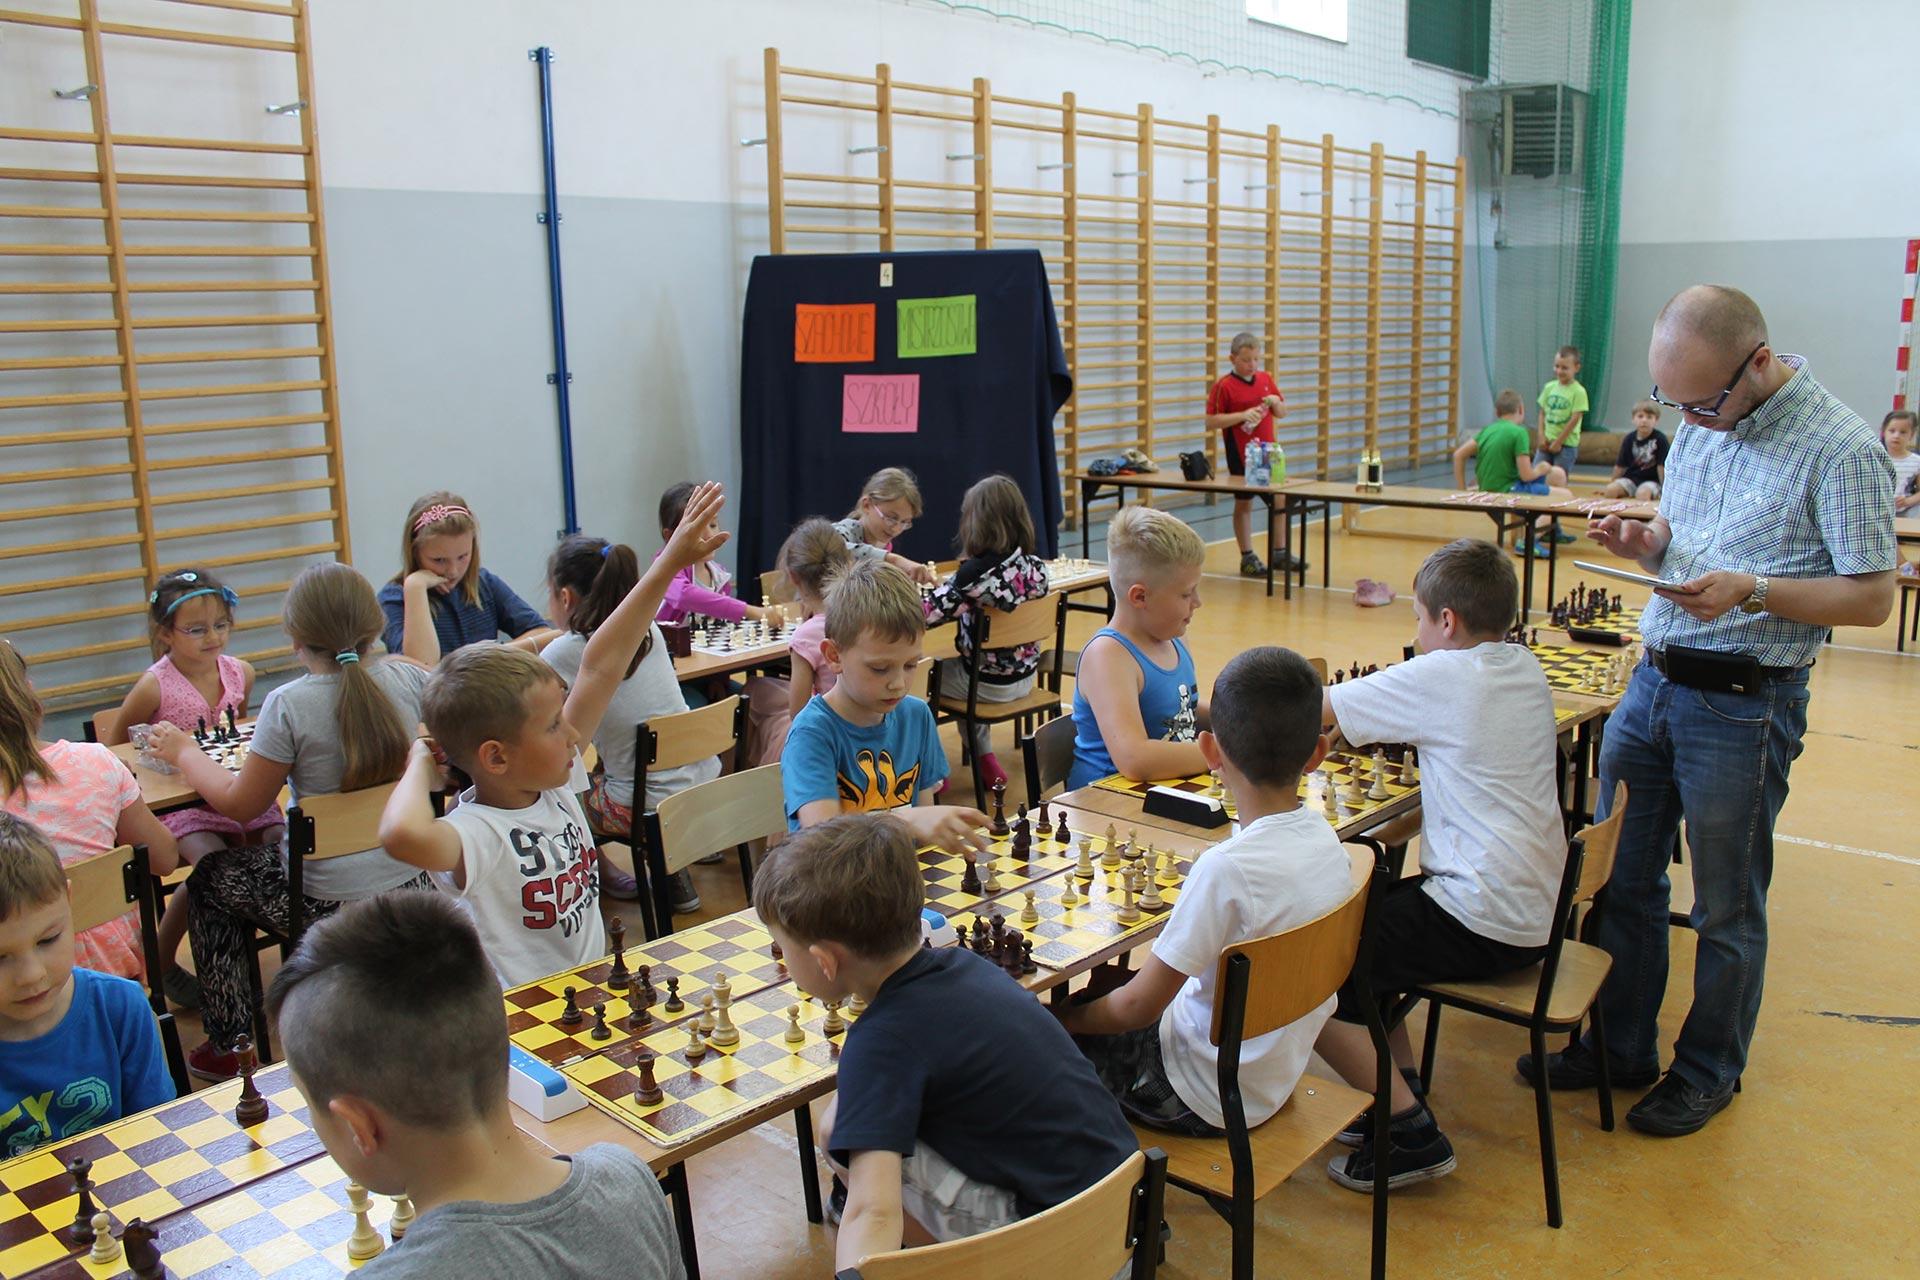 IV Szachowe Mistrzostwa Szkoły Podstawowej w Jaworzynie Śląskiej, 07.06.2016